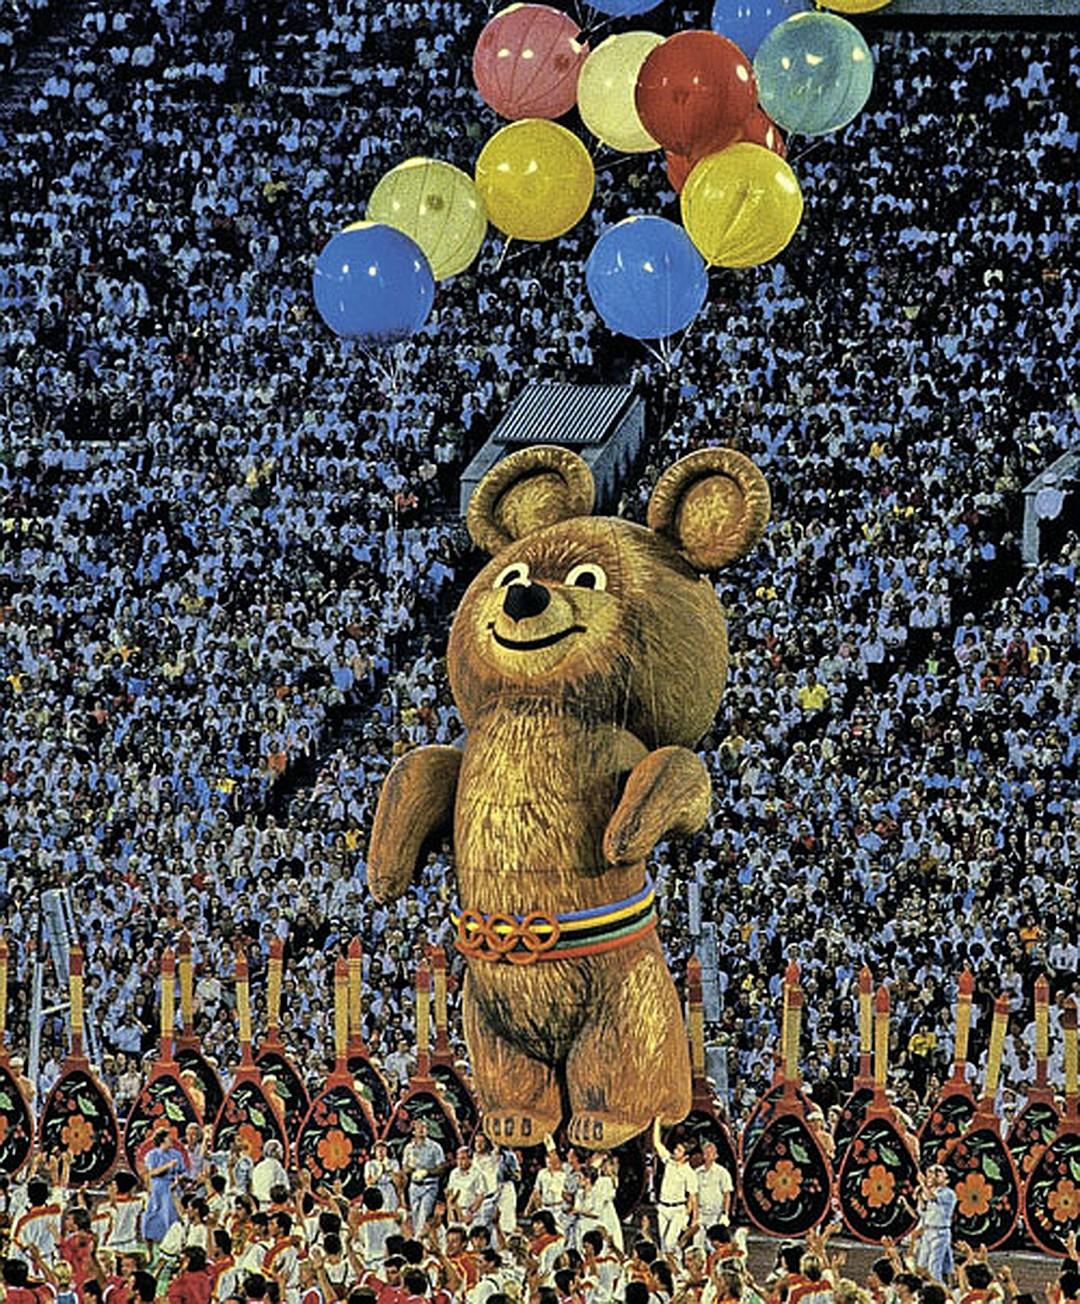 сделал картинка олимпийского мишку раньше даже столица